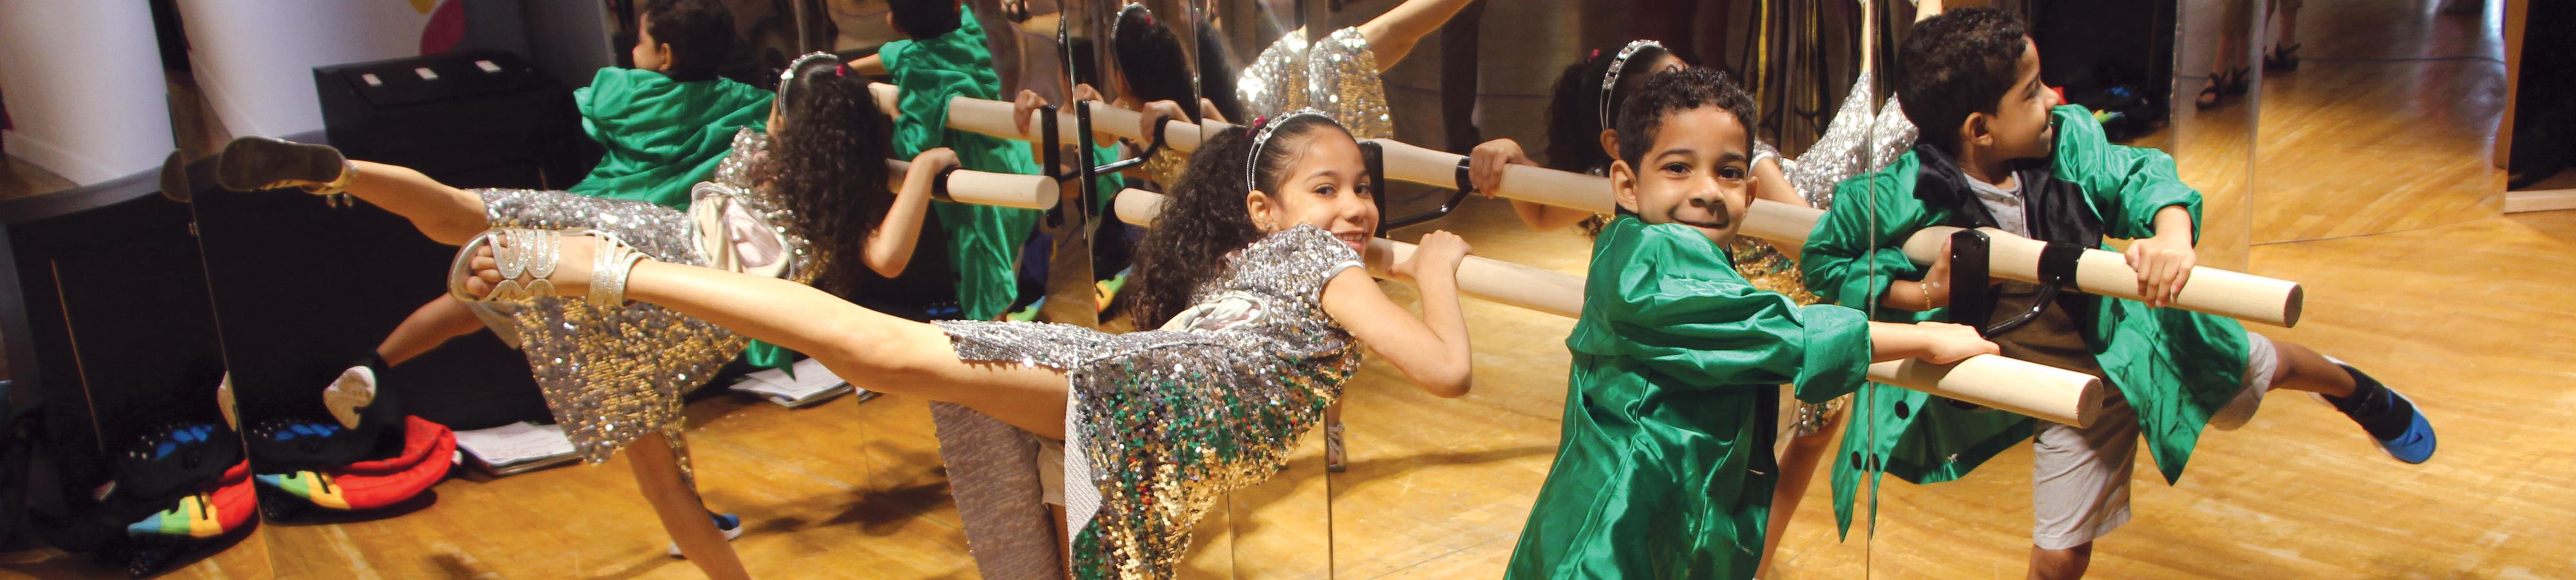 d46371a9e Children s Museum of Manhattan – Five floors of fun